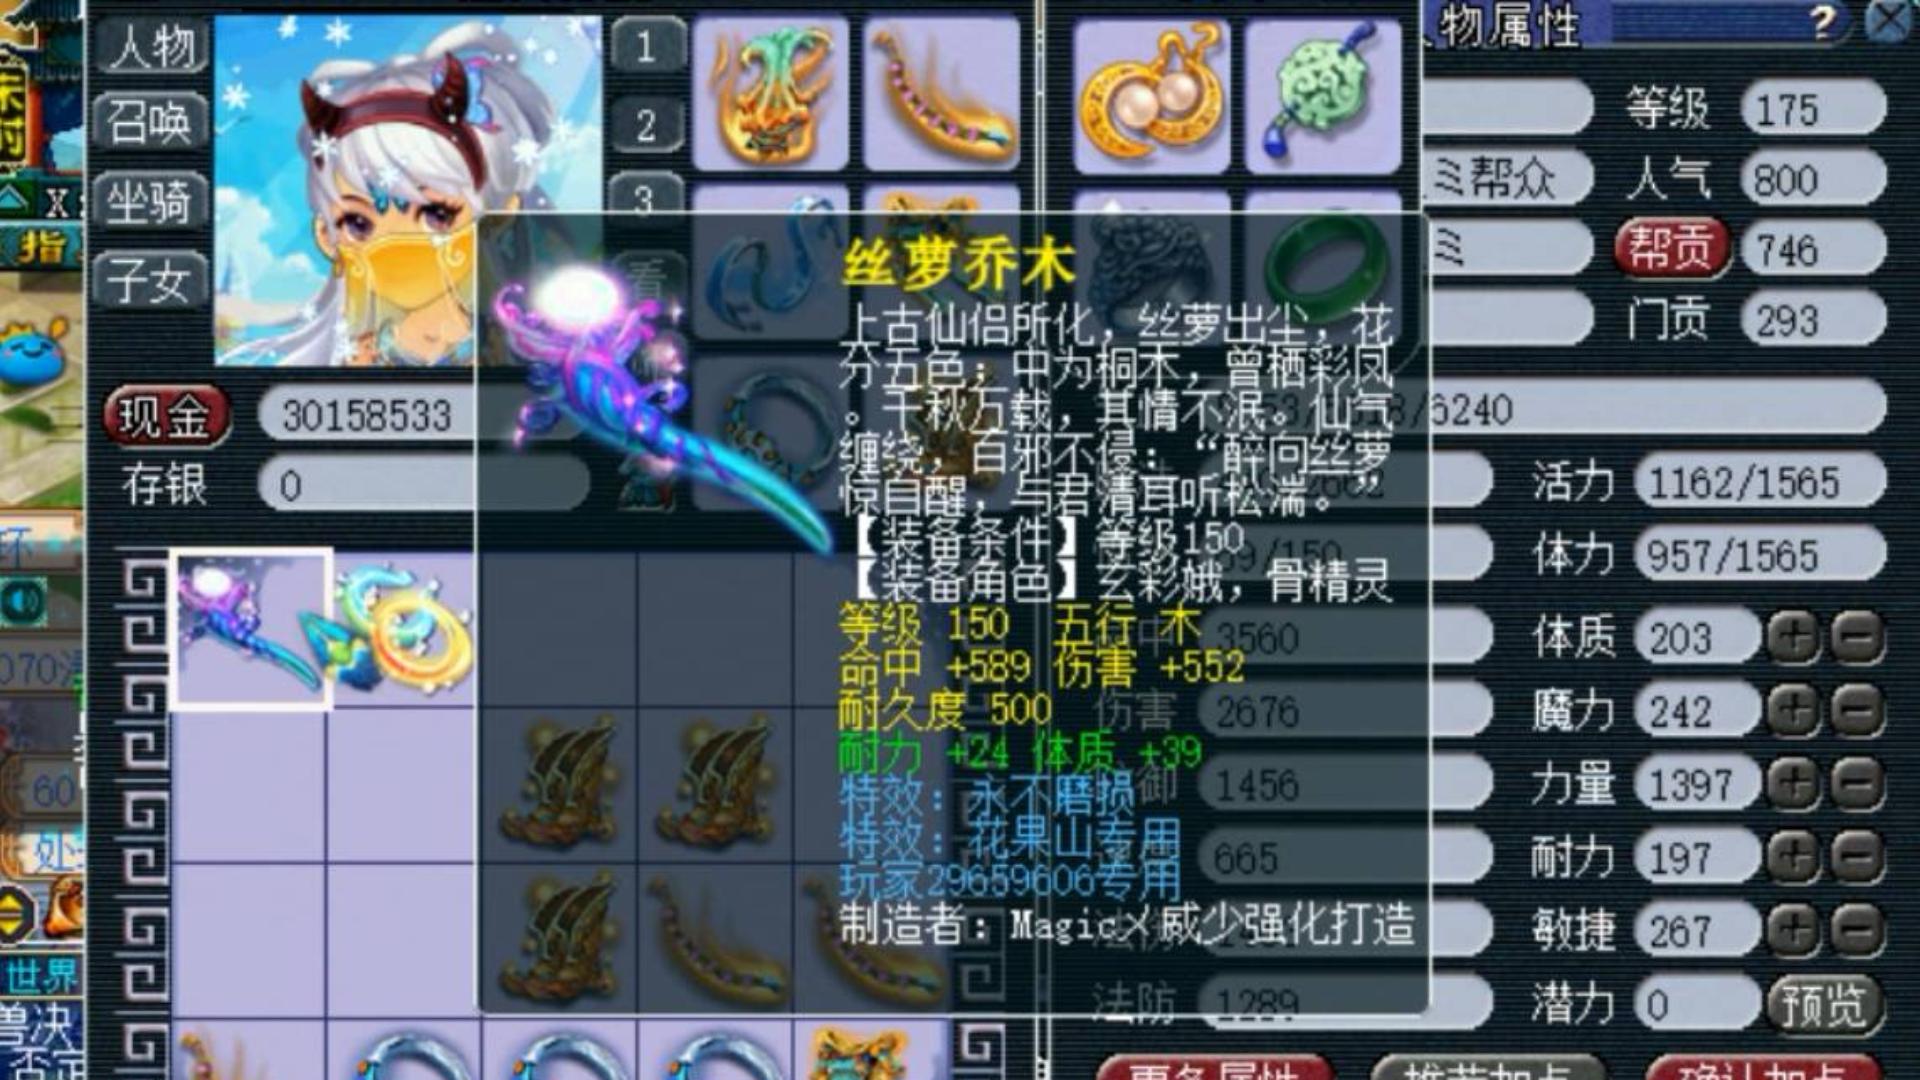 梦幻西游:两把武器就有一个出了专用,这个专用点的真不亏,血赚!